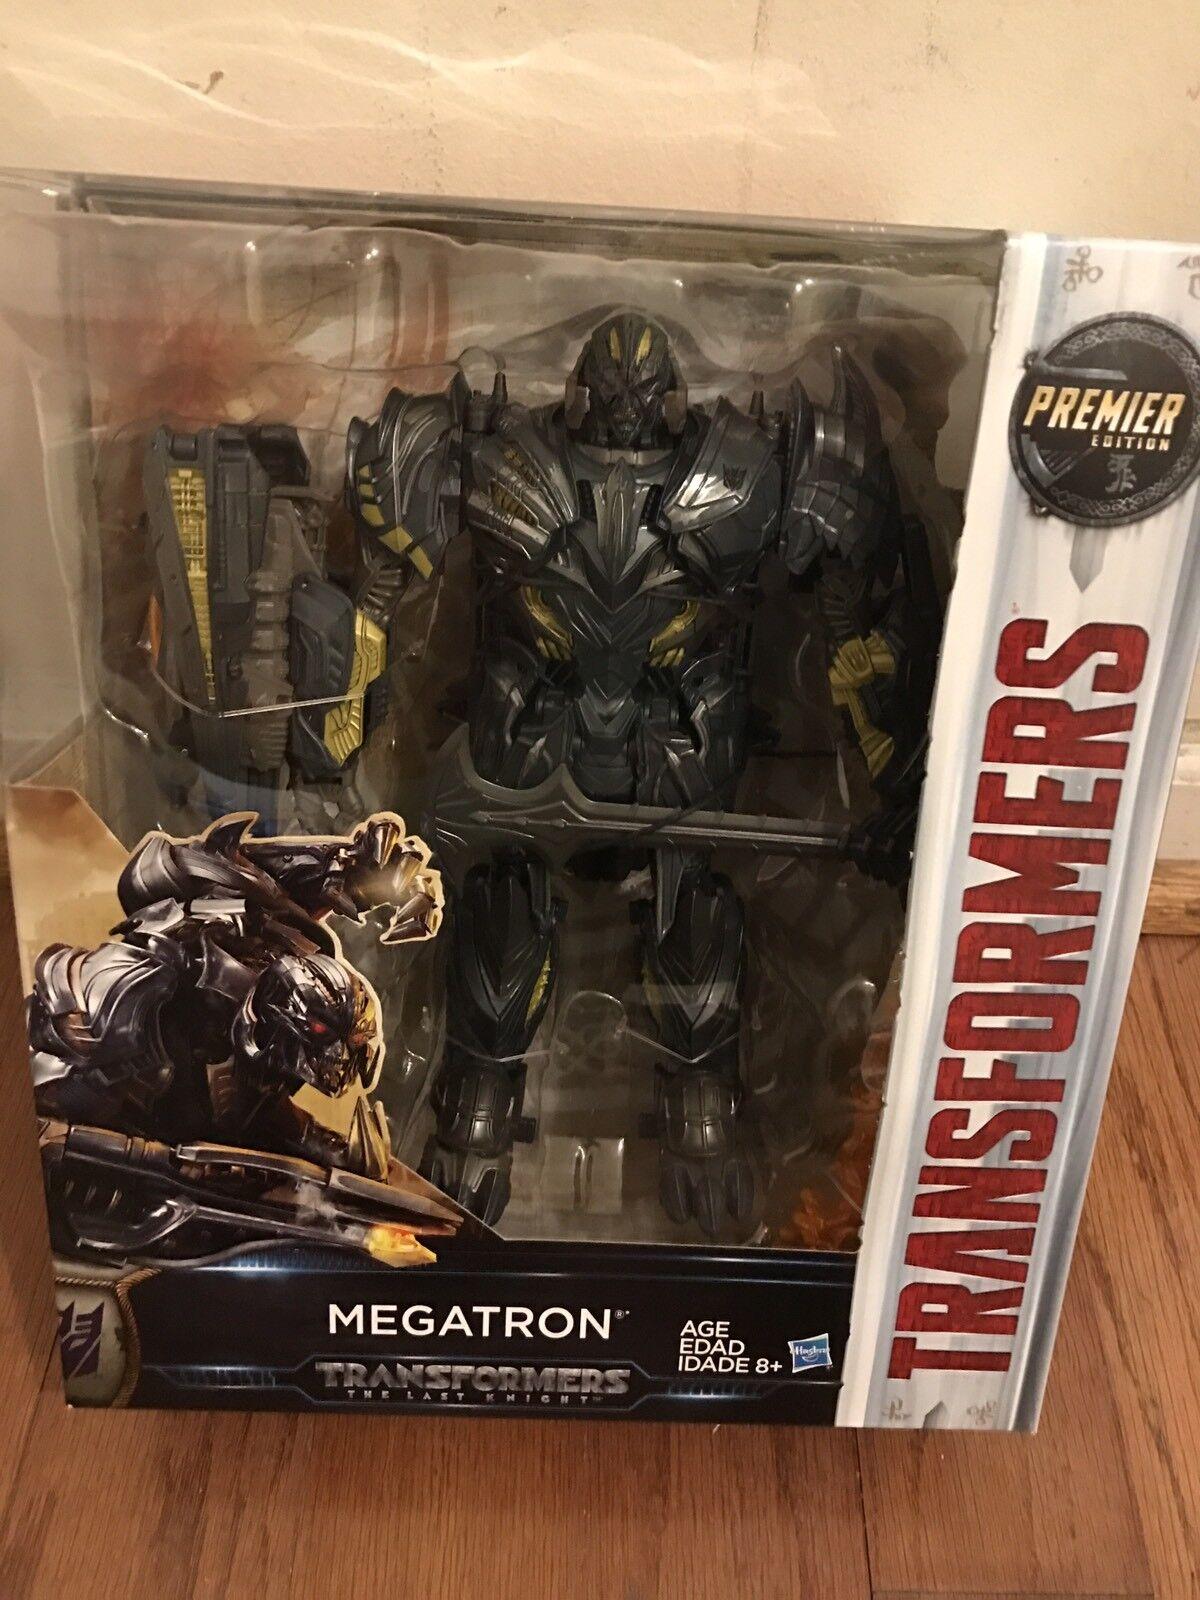 Nouveau Transformers   Le dernier chevalier PREMIER EDITION Leader Class Megatron 9 in (environ 22.86 cm)  marchandise de haute qualité et service pratique et honnête